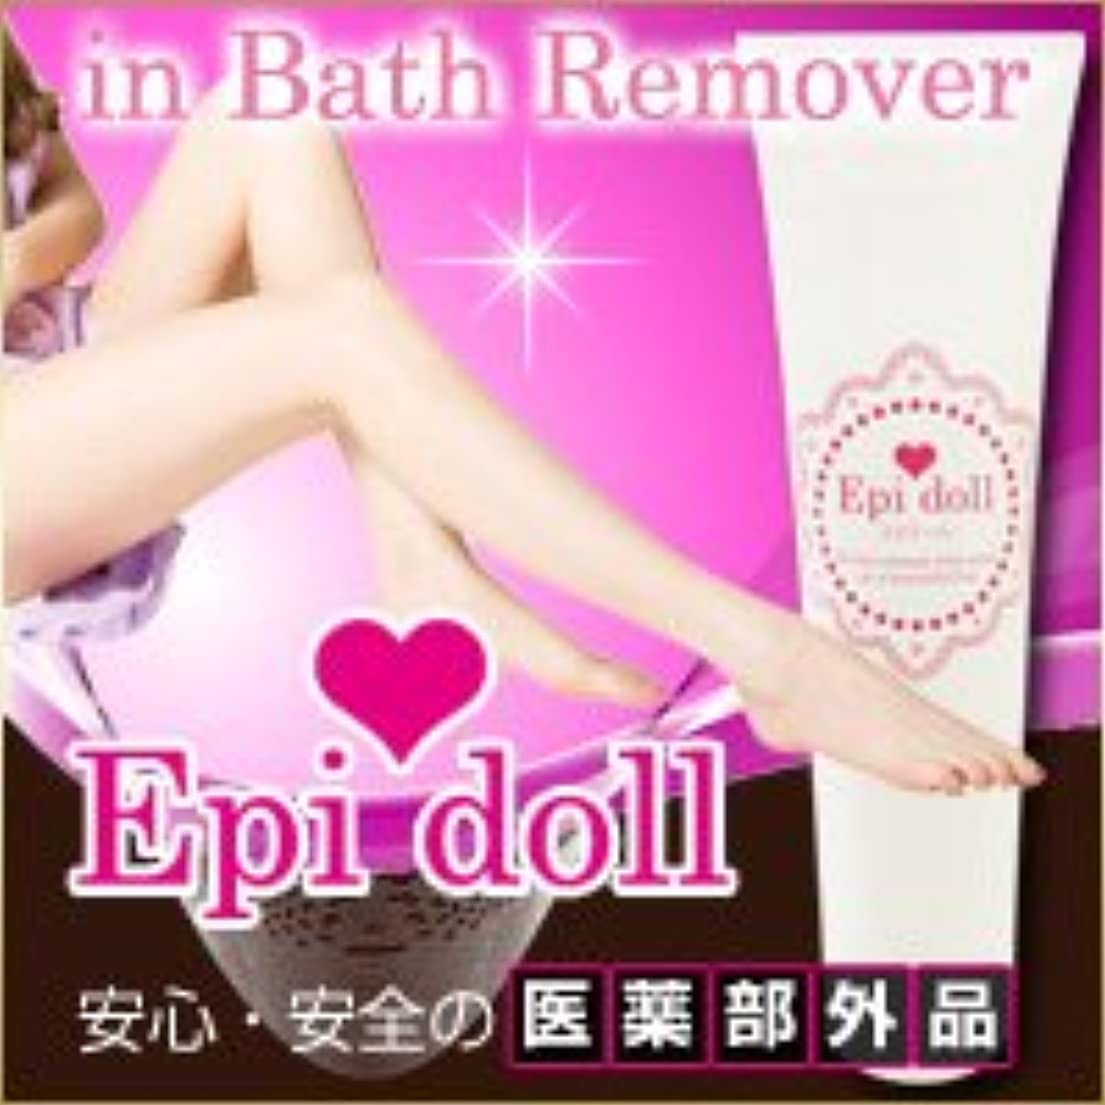 【医薬部外品 Epi doll in bath remover(エピドール インバスリムーバー)】